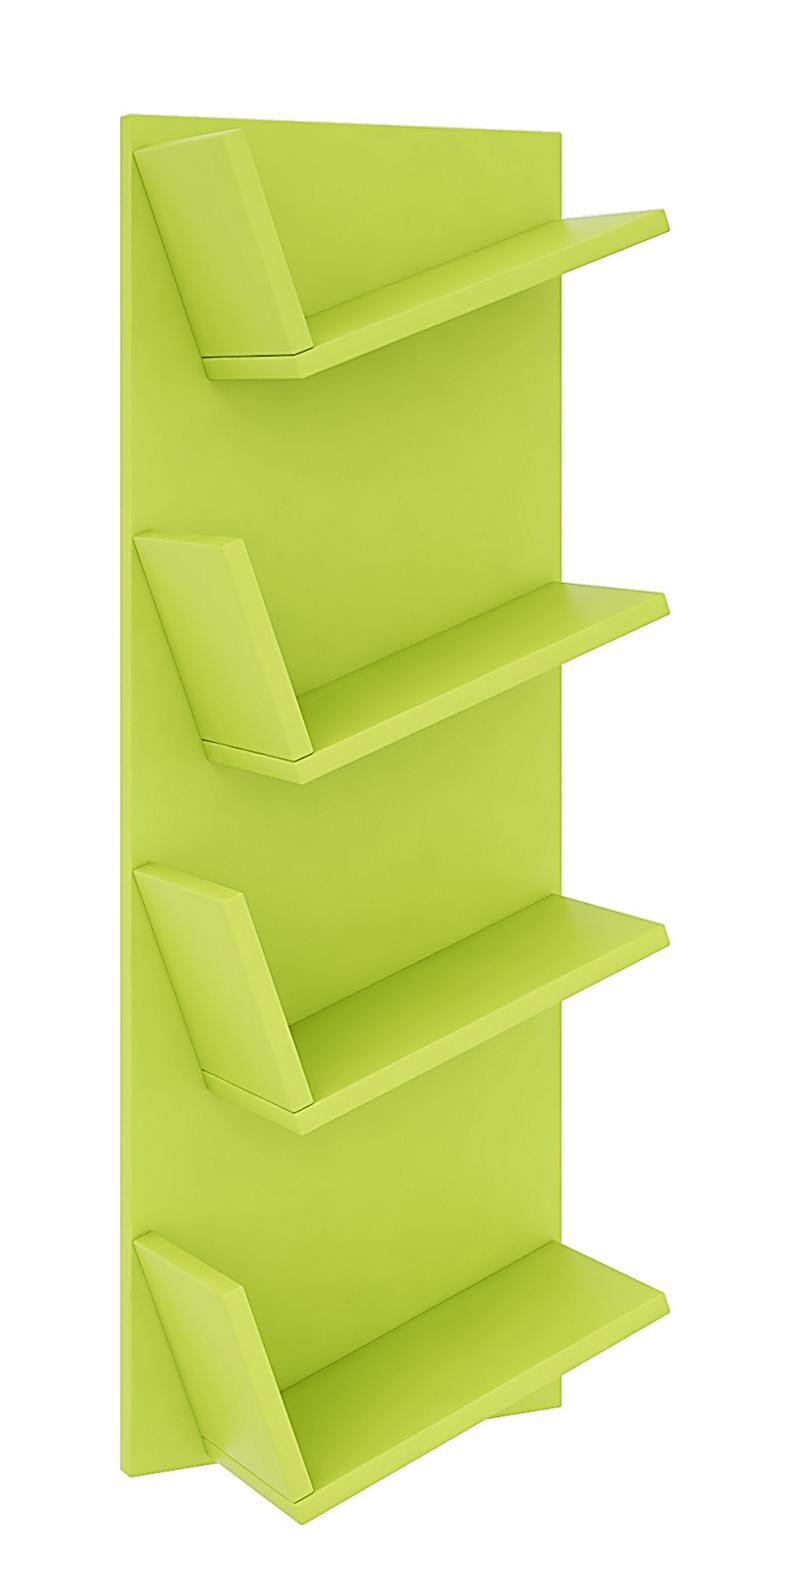 vcm design regal lansi m bel wandschrank f r cd dvd b cher. Black Bedroom Furniture Sets. Home Design Ideas